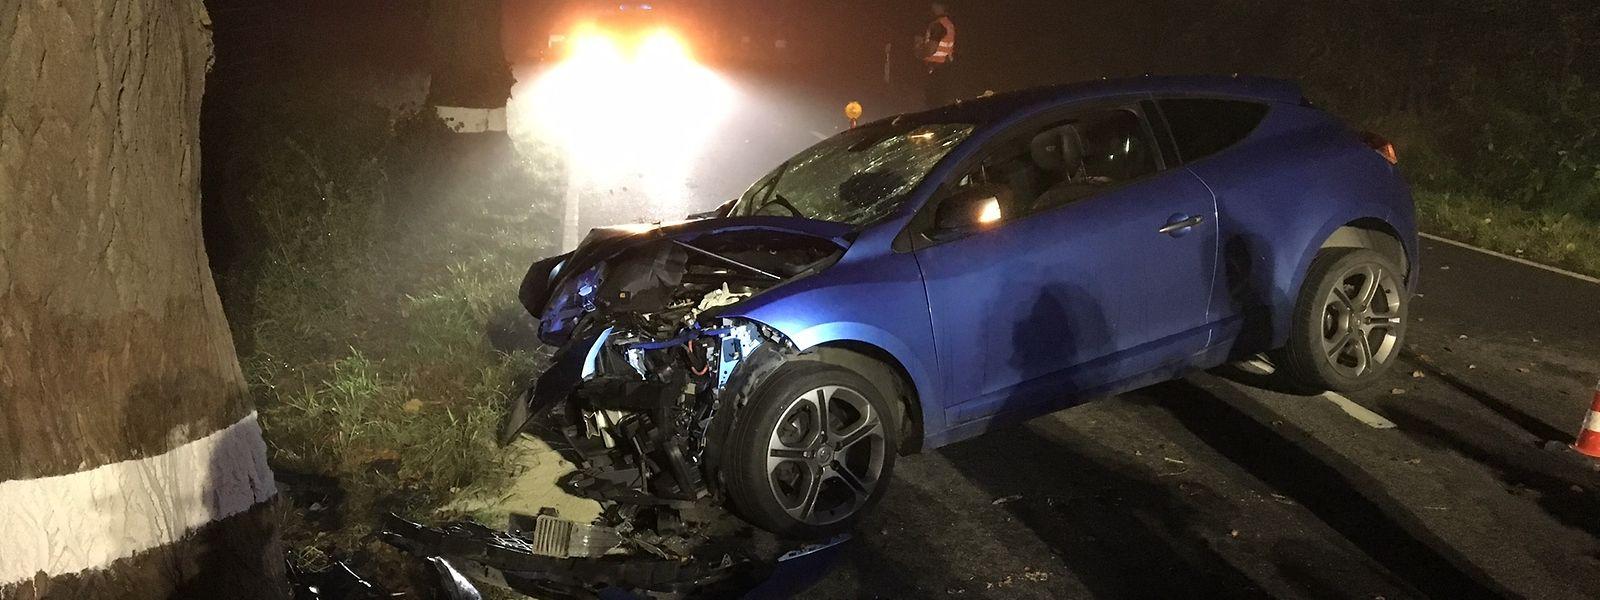 Glück im Unglück: Der Fahrer wurde nur leicht verletzt.